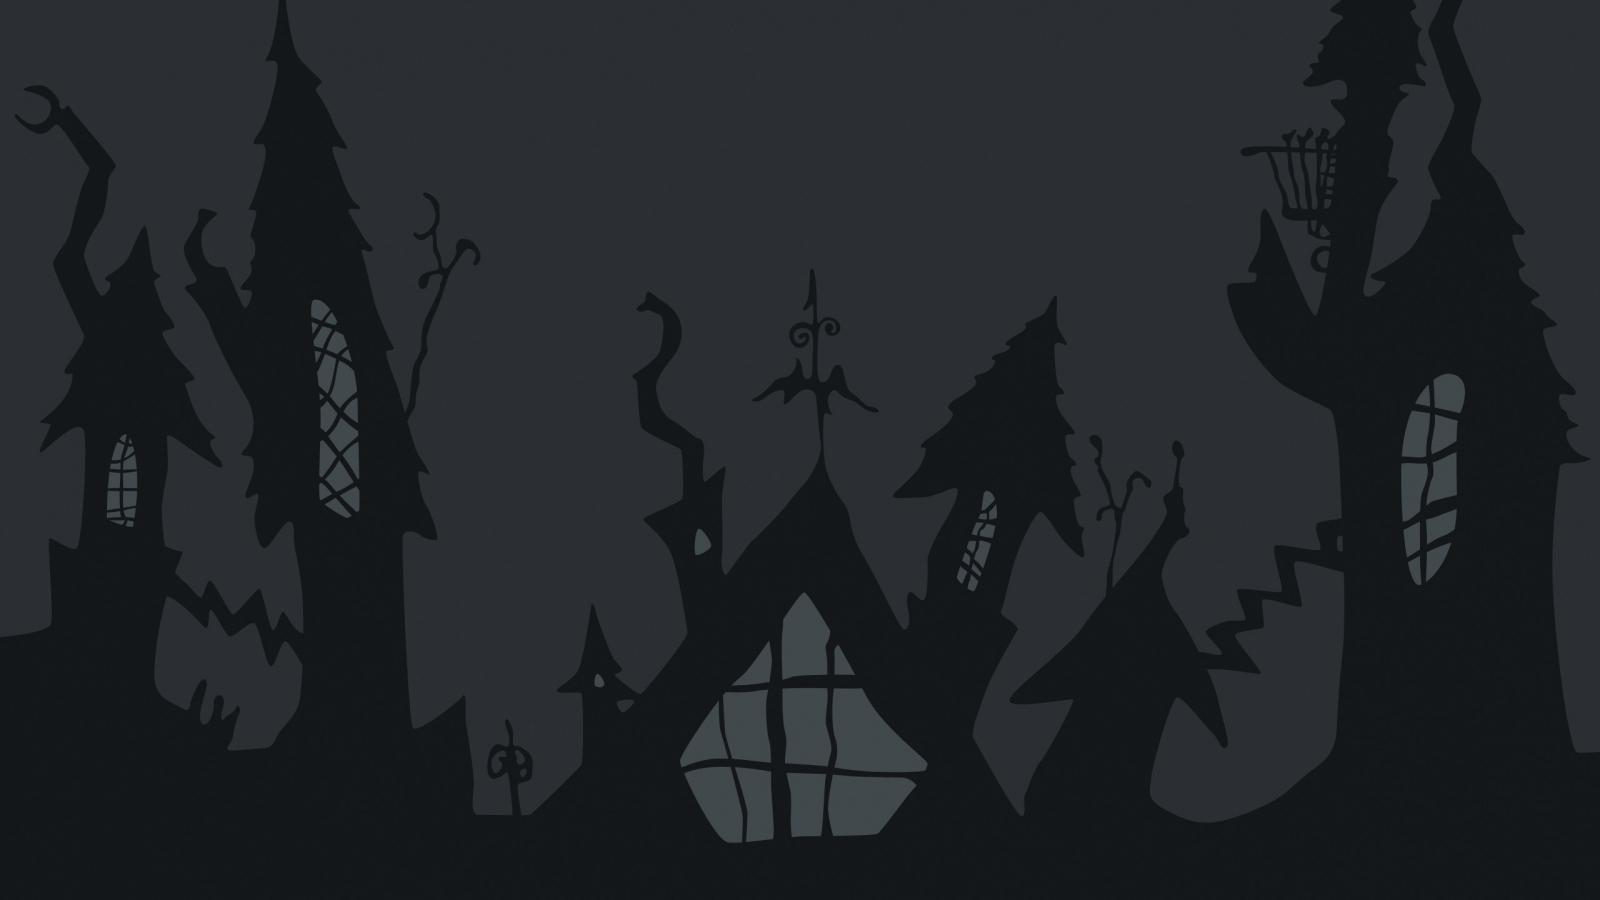 Castillo de noche de brujas - 1600x900